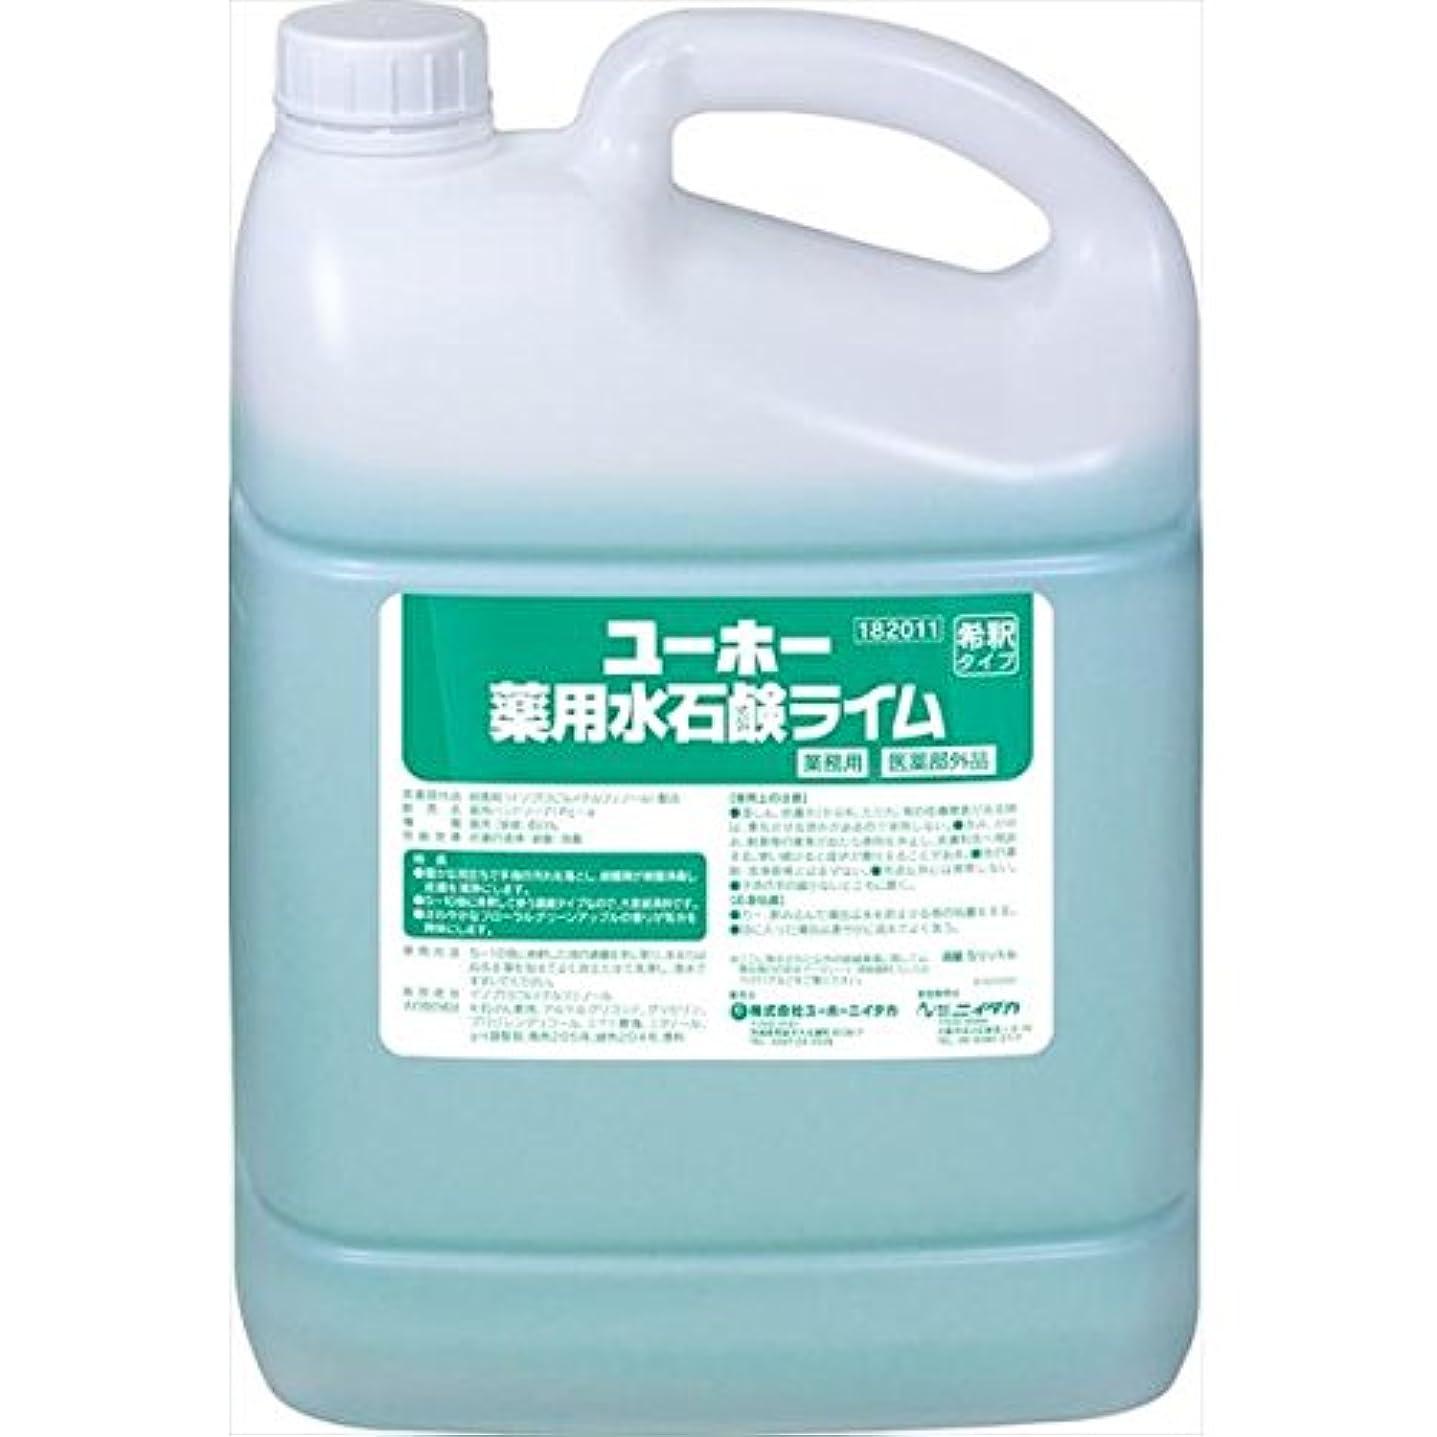 熟練した騙す愛撫ユーホーニイタカ:薬用水石鹸ライム 5L×2 182011